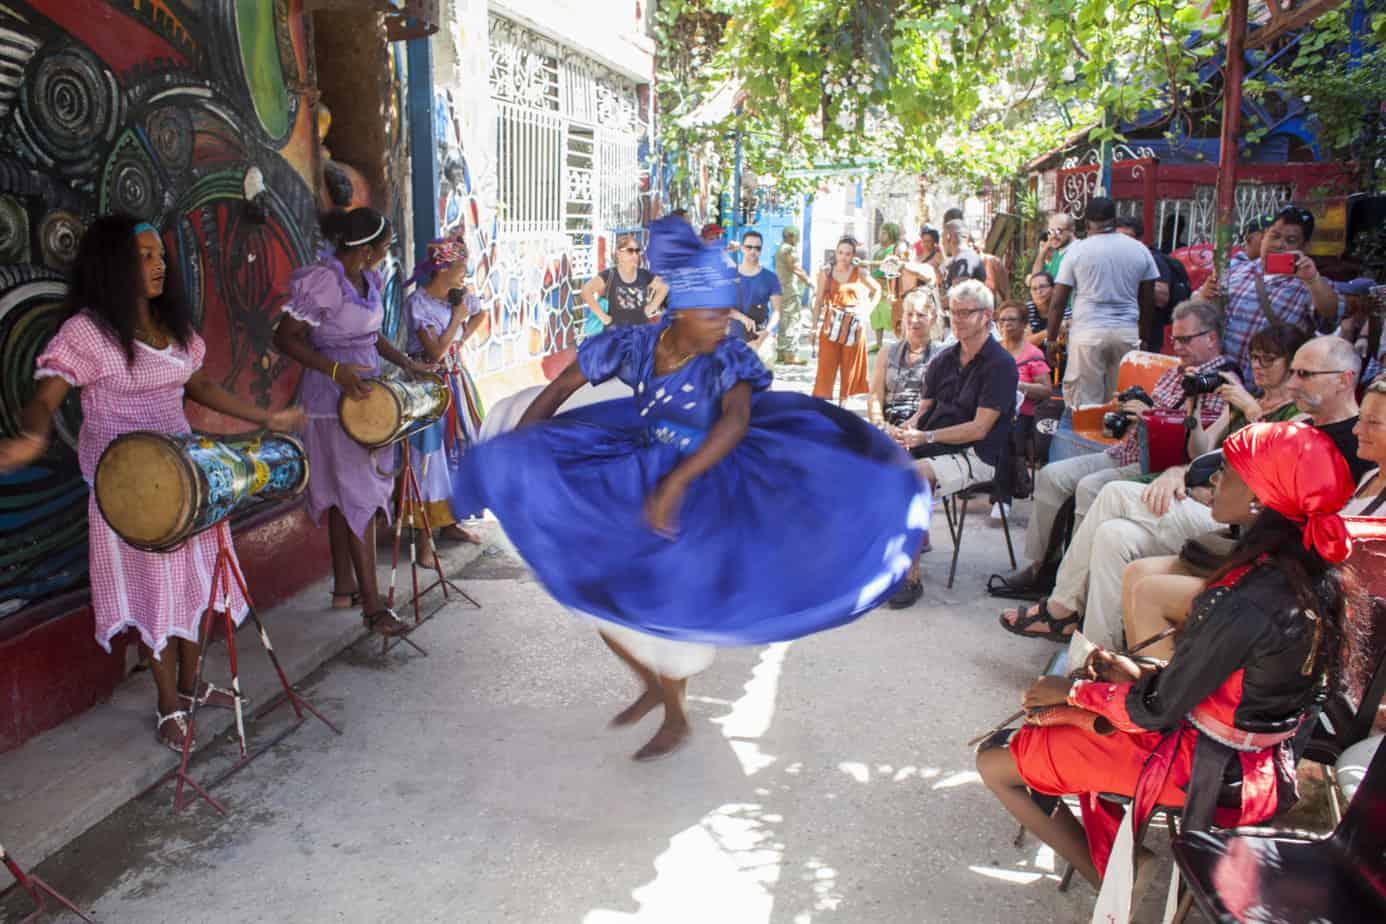 Dansen in Cuba